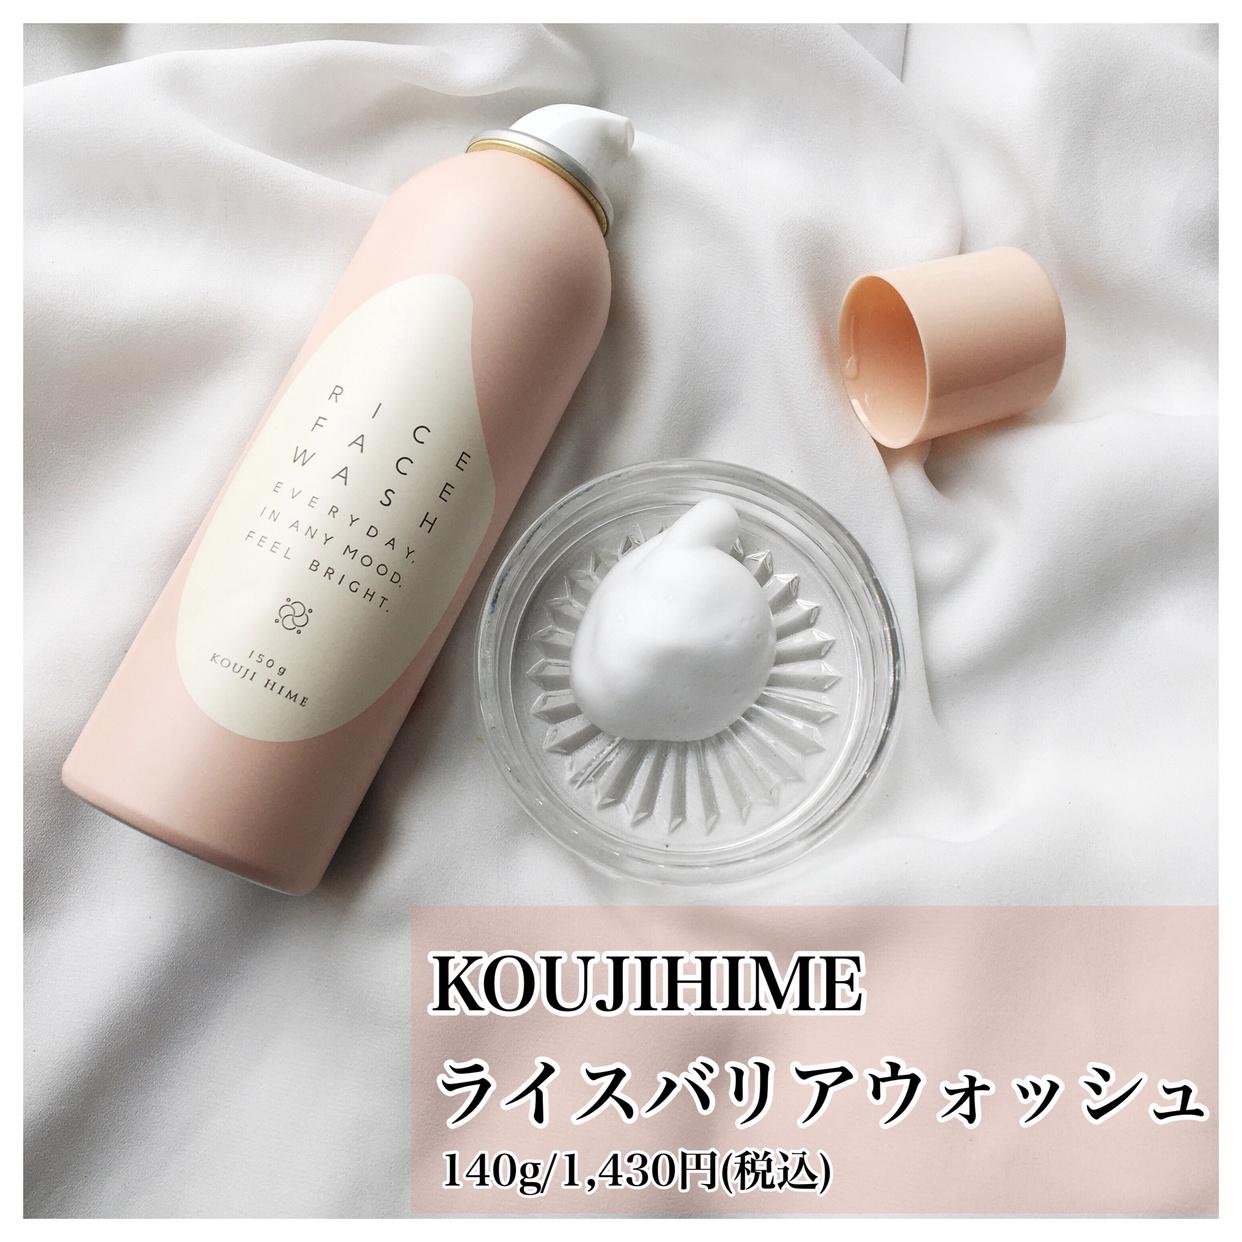 糀姫(KOUJIHIME) ライスバリアウォッシュを使ったぶるどっくさんのクチコミ画像